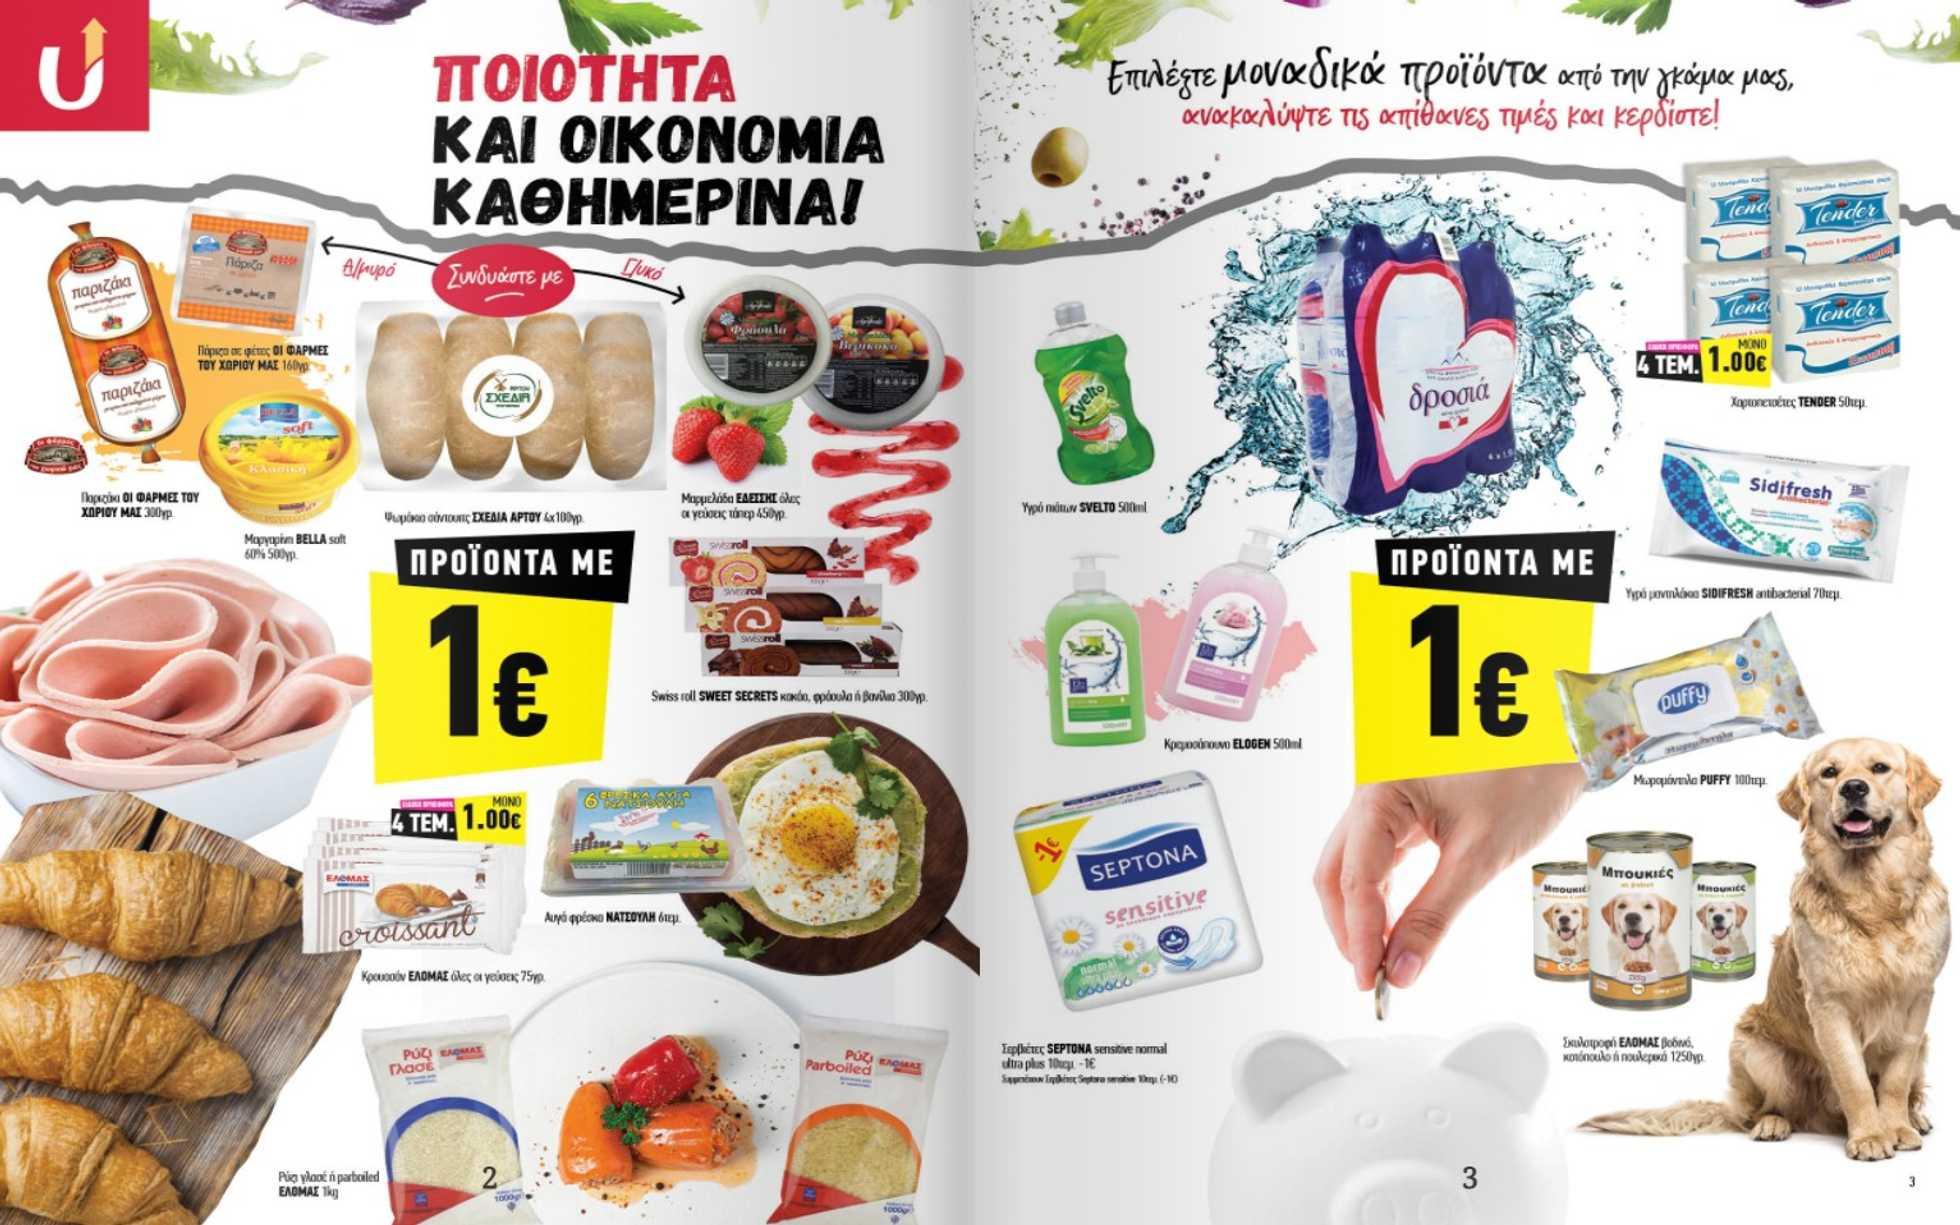 υπέρ Γρηγοριάδης - η προσφορά ισχύει από 07.01.2021 μέχρι 27.01.2021 - σελίδα 2.